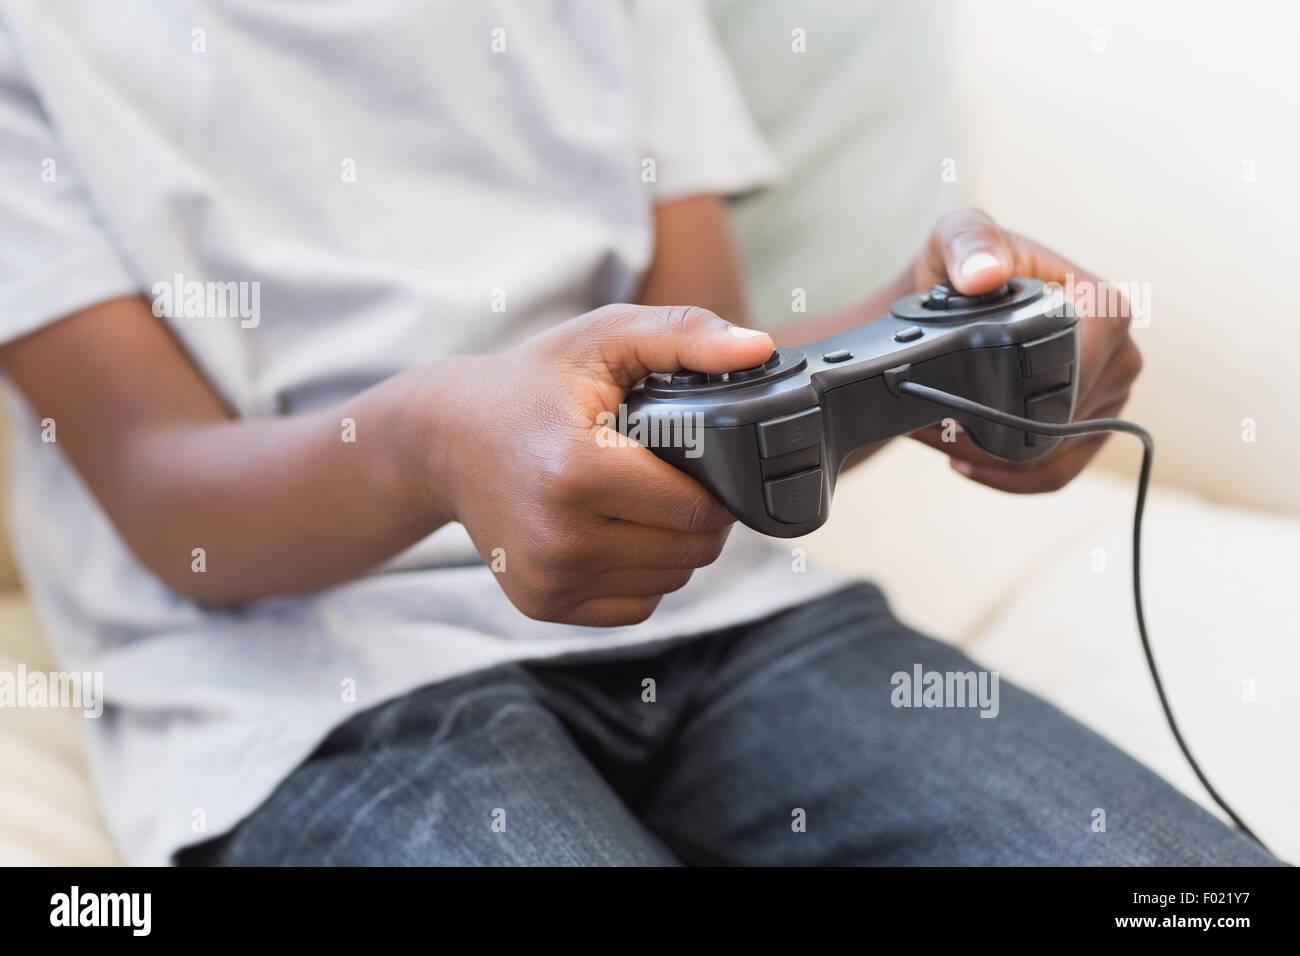 Niñito jugando juegos de video Imagen De Stock